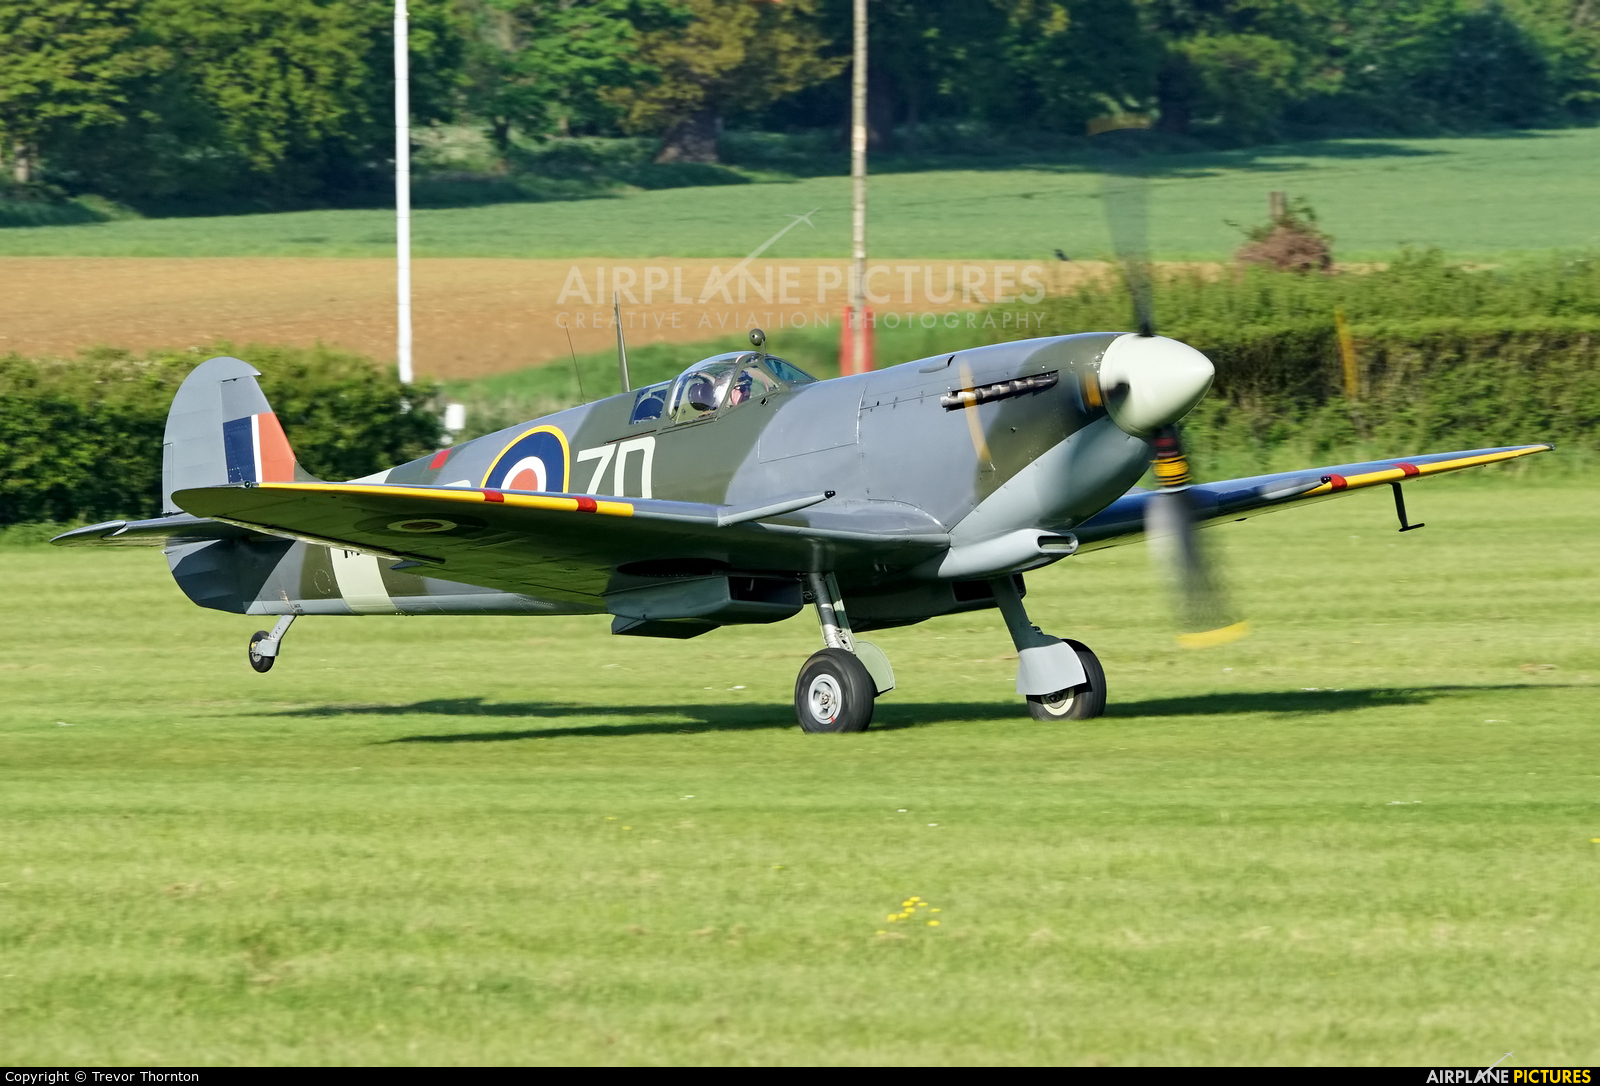 Merlin Aviation G-ASJV aircraft at Old Warden